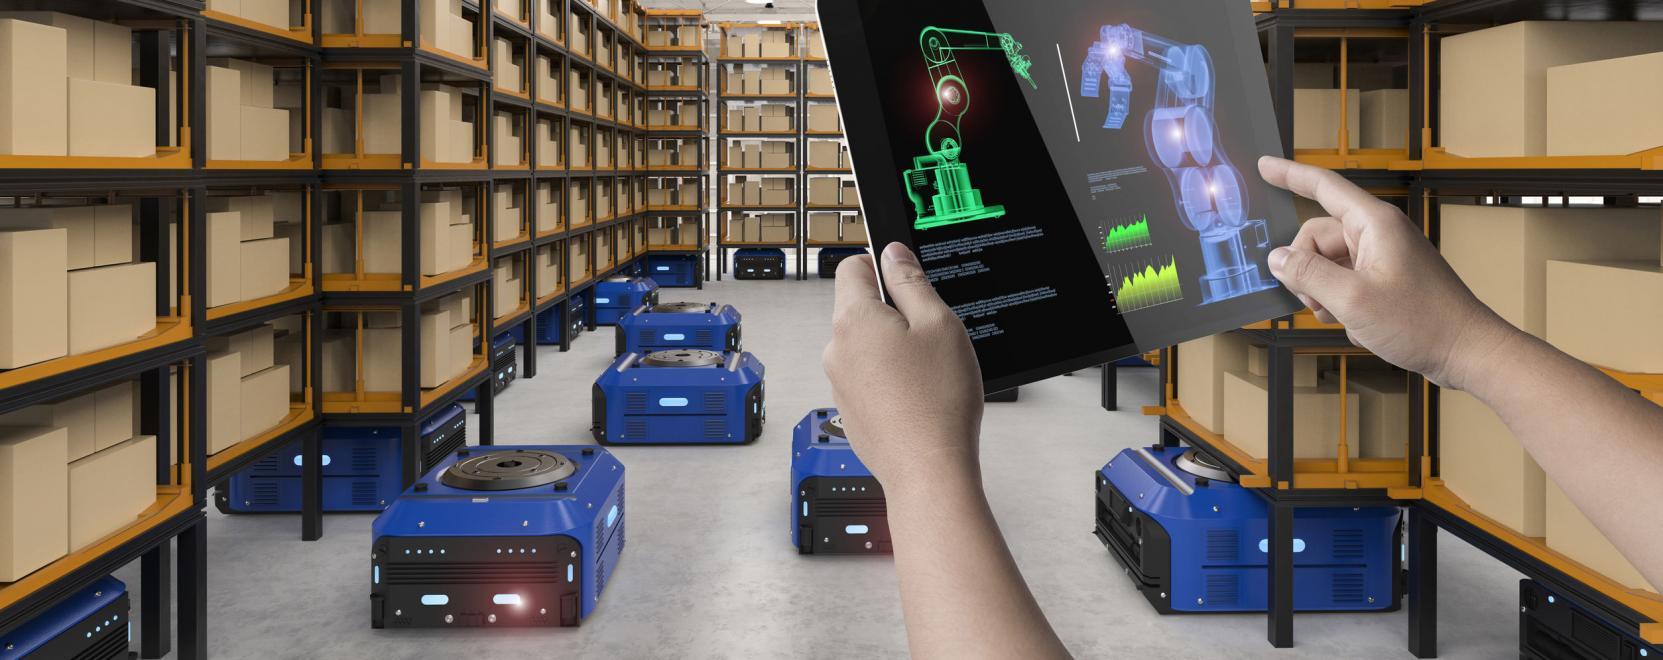 robotokkal foglalkozó központok)